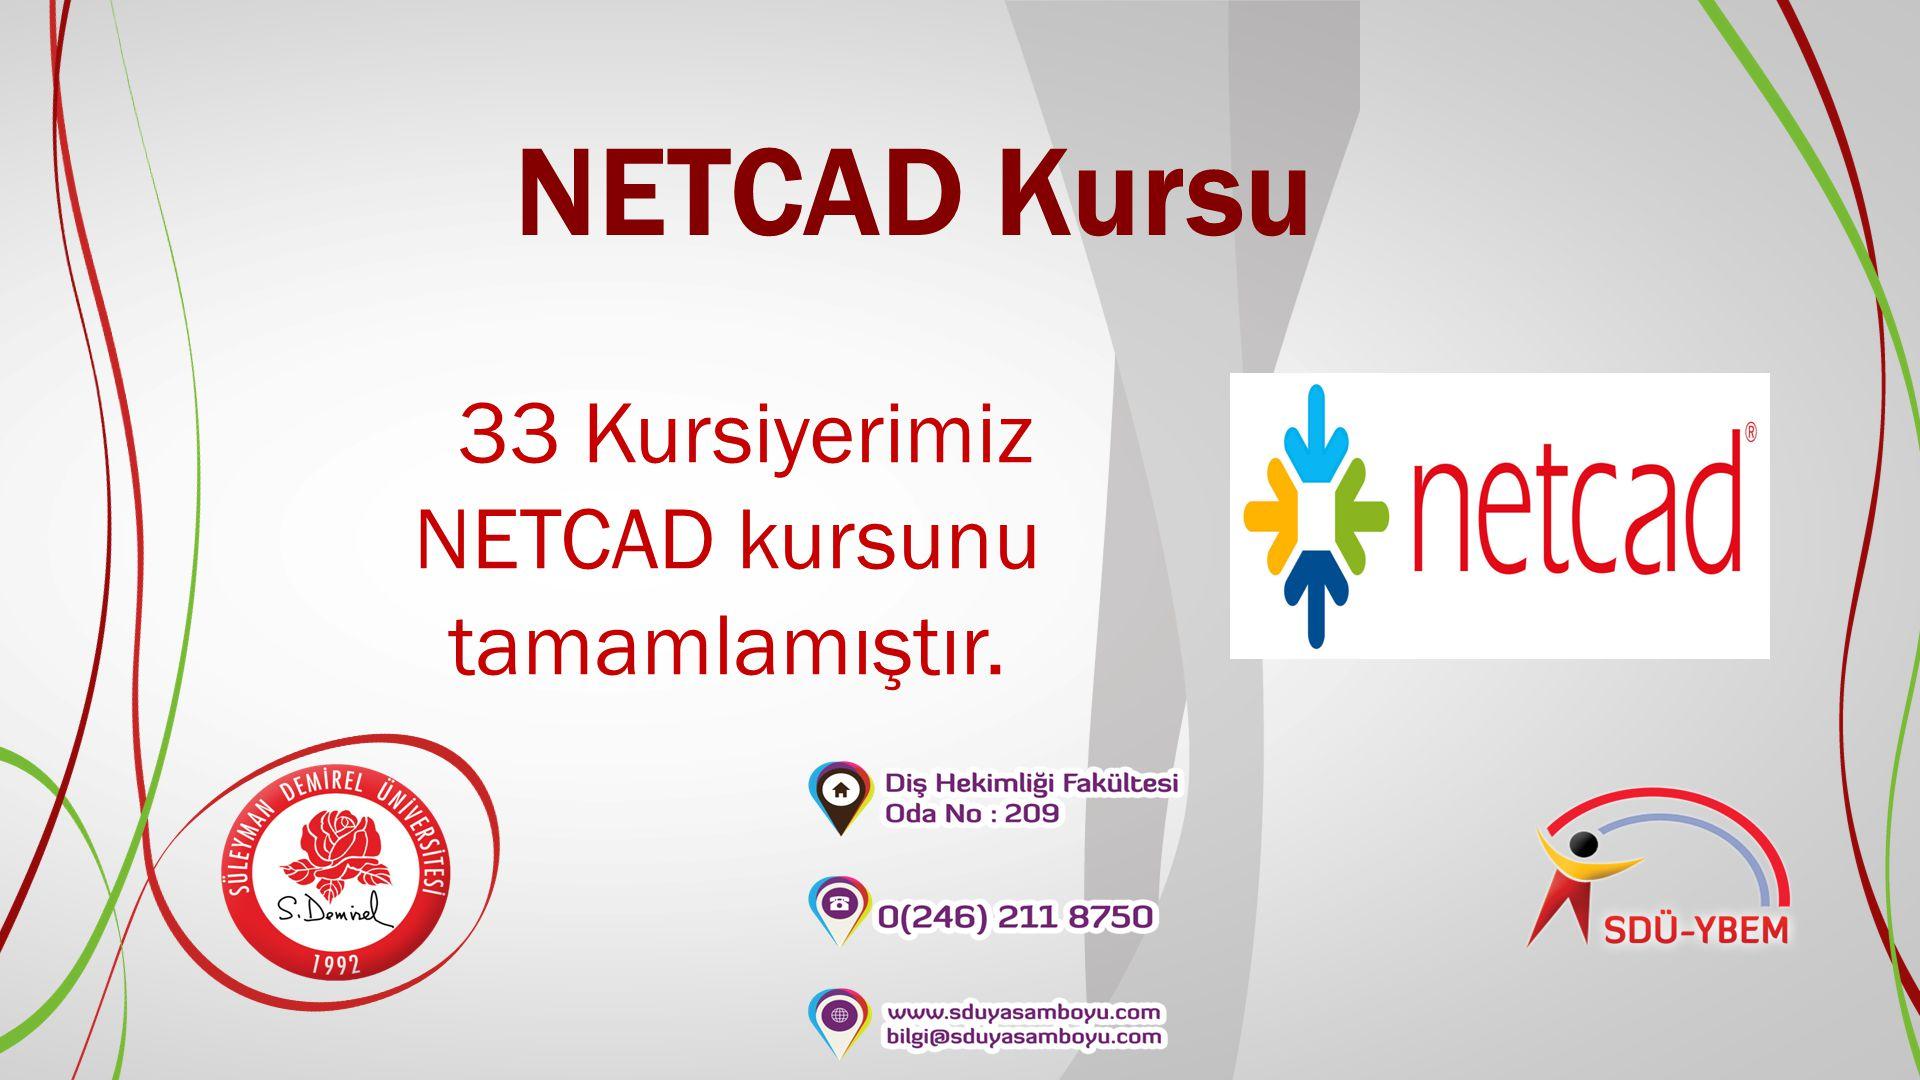 NETCAD Kursu 33 Kursiyerimiz NETCAD kursunu tamamlamıştır.